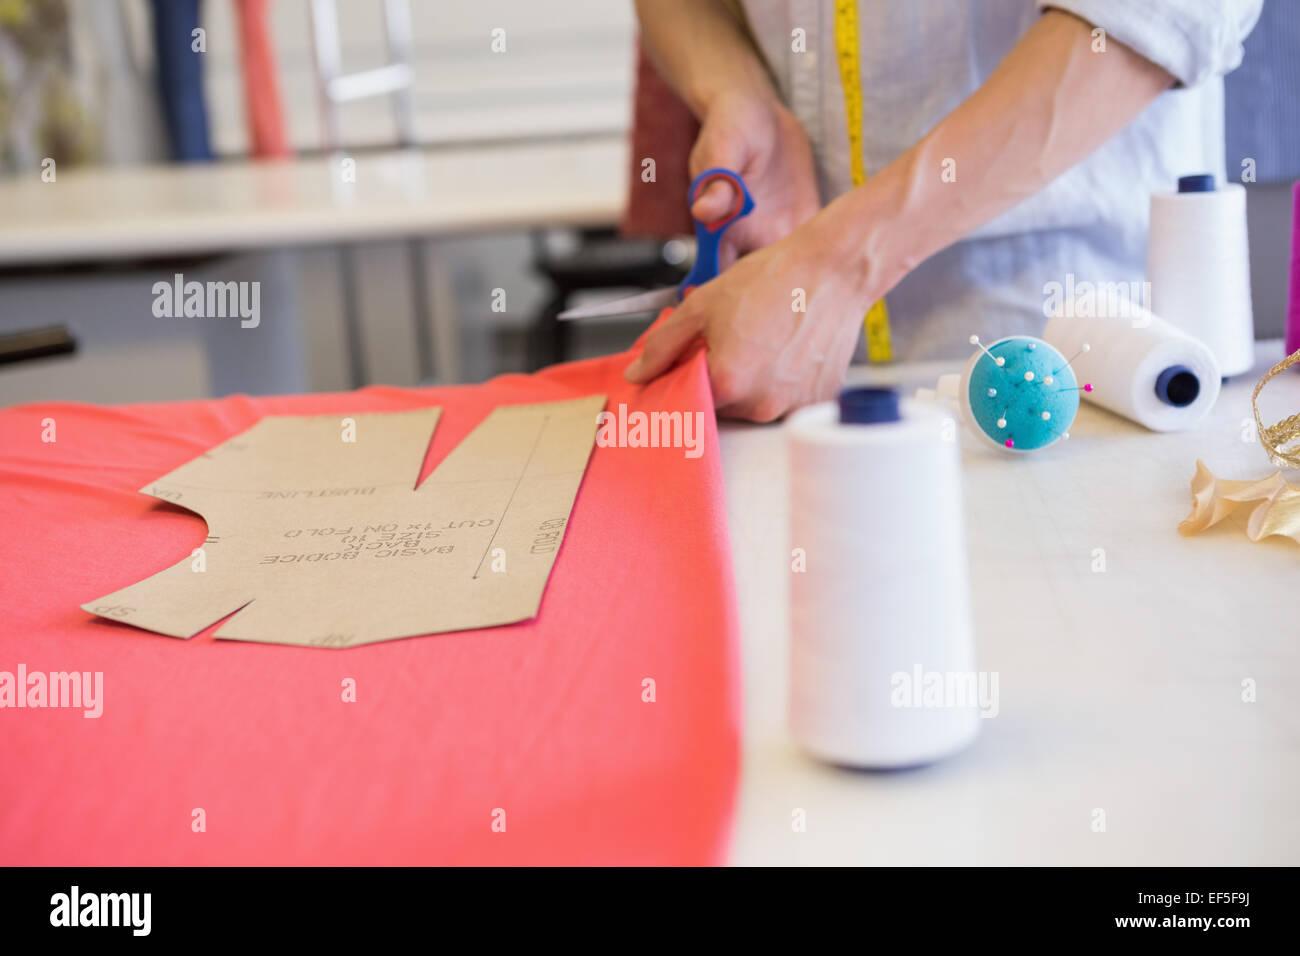 Coupe étudiant le tissu avec des ciseaux Photo Stock